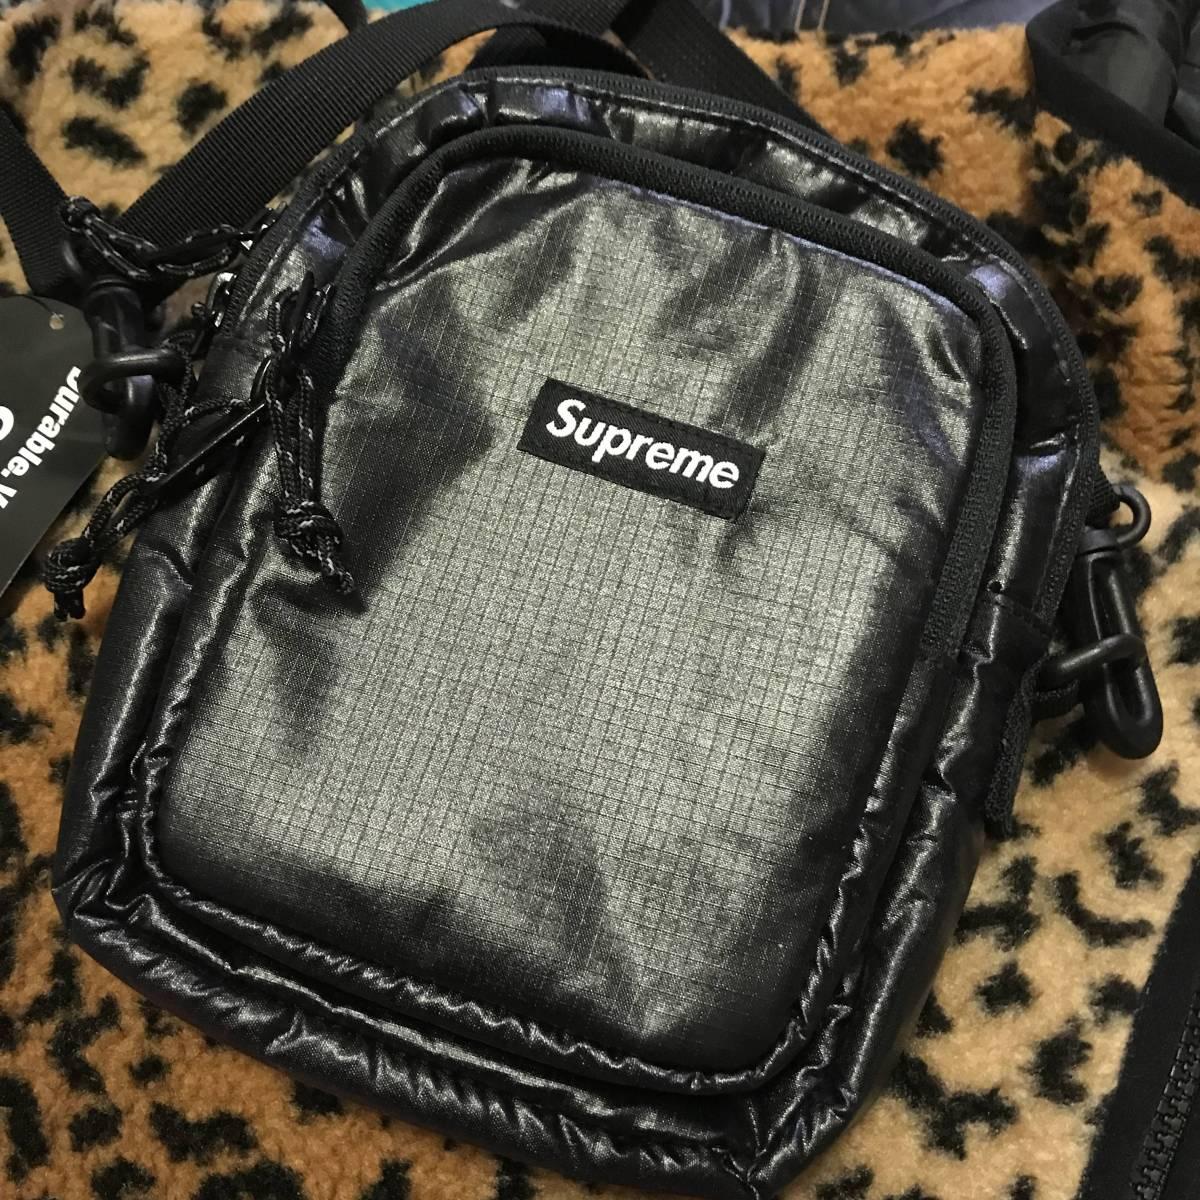 【即完売人気定番モデル】Supreme 2017aw/fw week1 Shoulder Bag ブラック